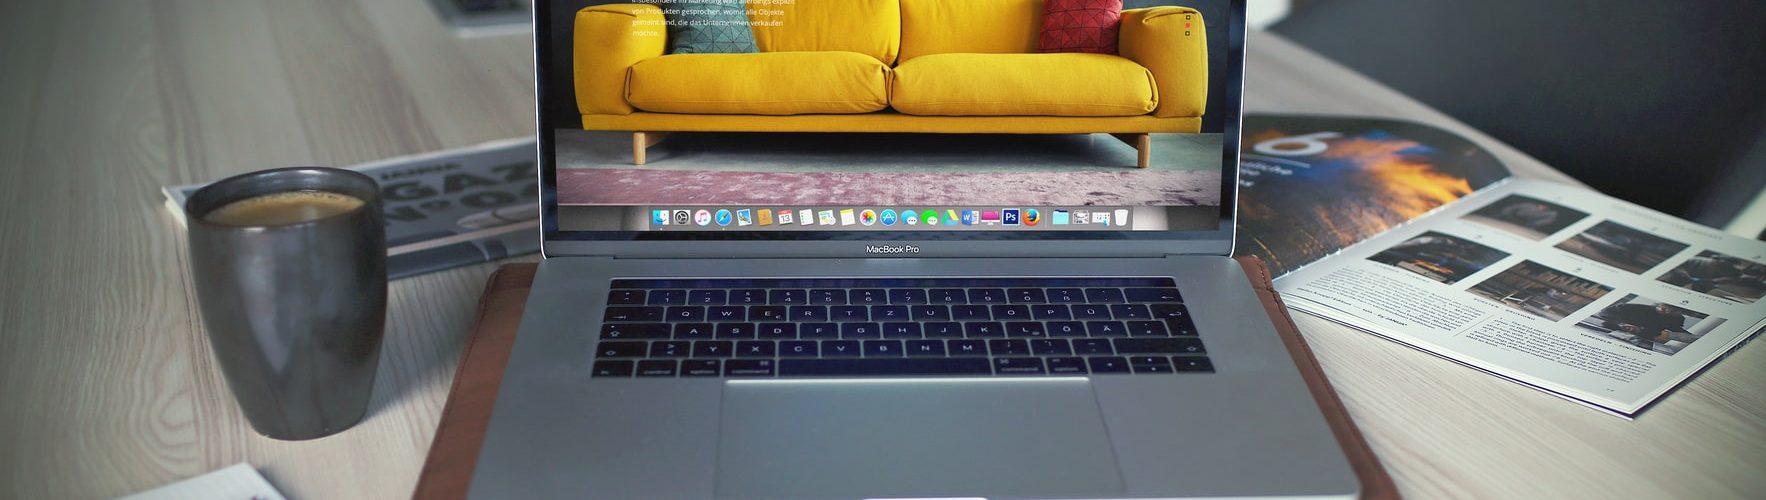 webshop-laptop